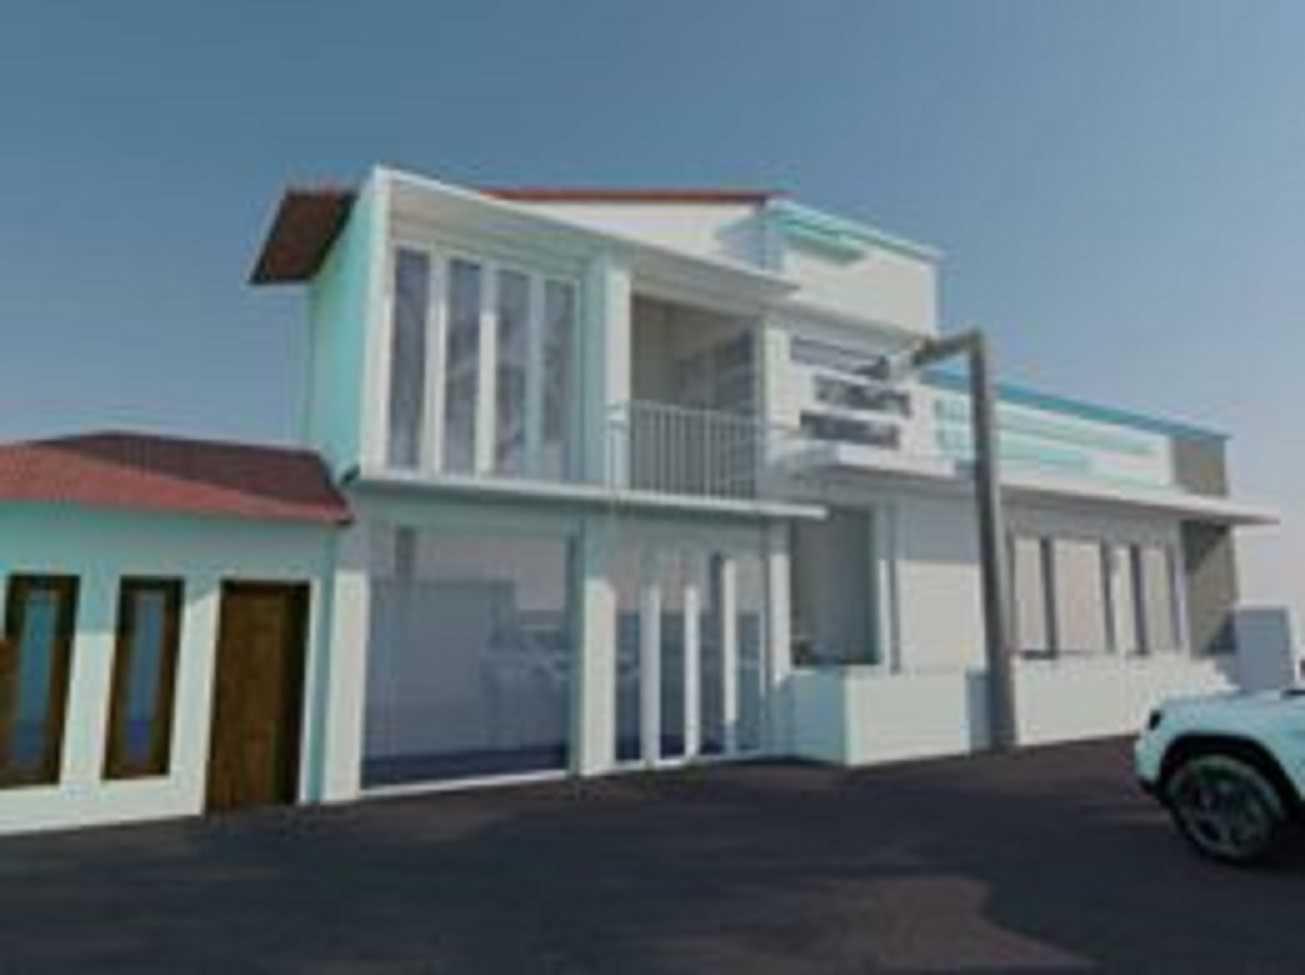 Cahaya Griya Pembangunan Kantor Magelang, Jawa Tengah, Indonesia Magelang, Jawa Tengah, Indonesia 1788418816211819745736778969311216094402650N   44287